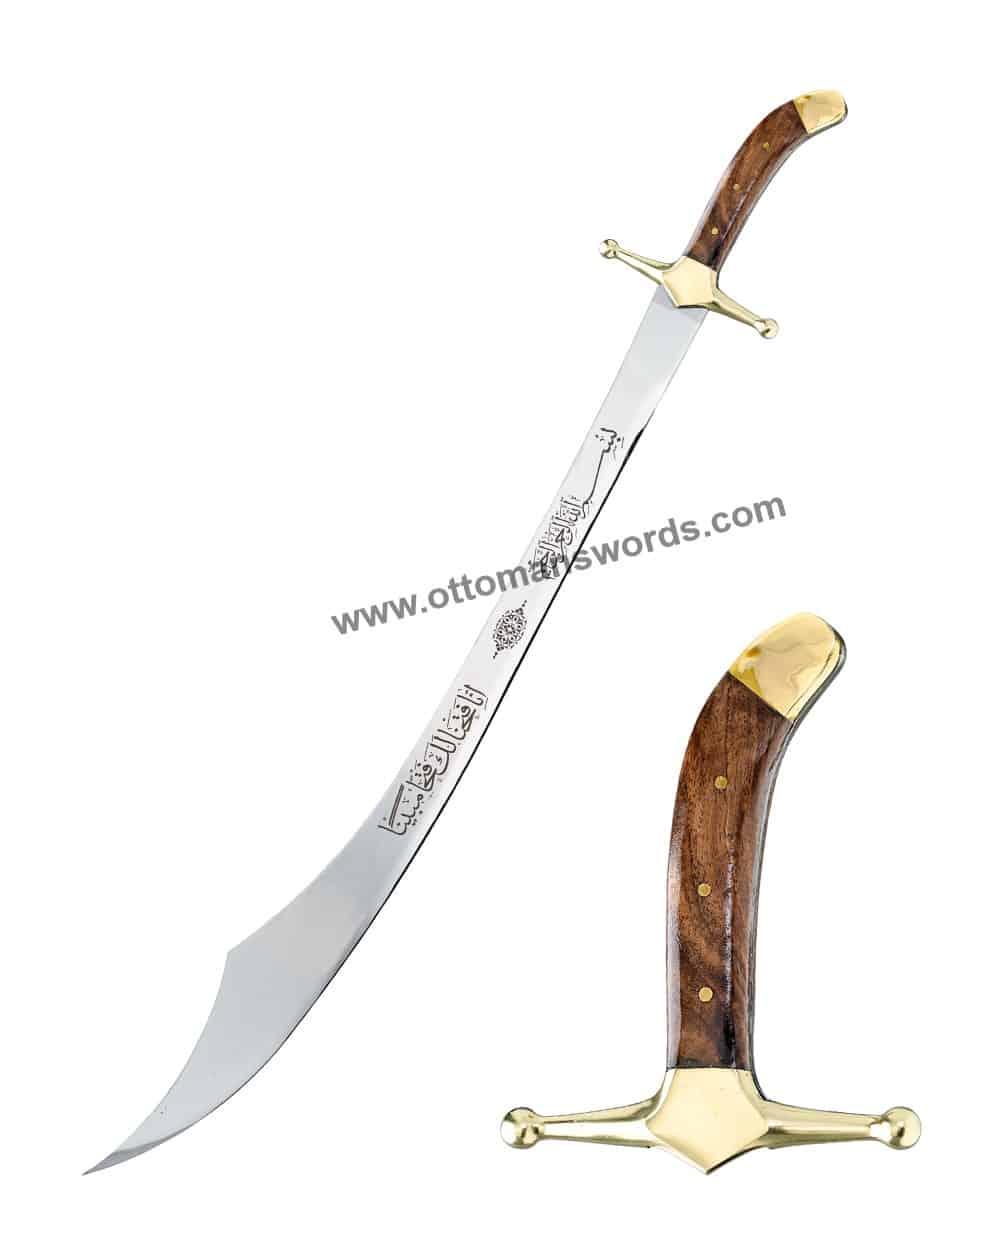 sword store